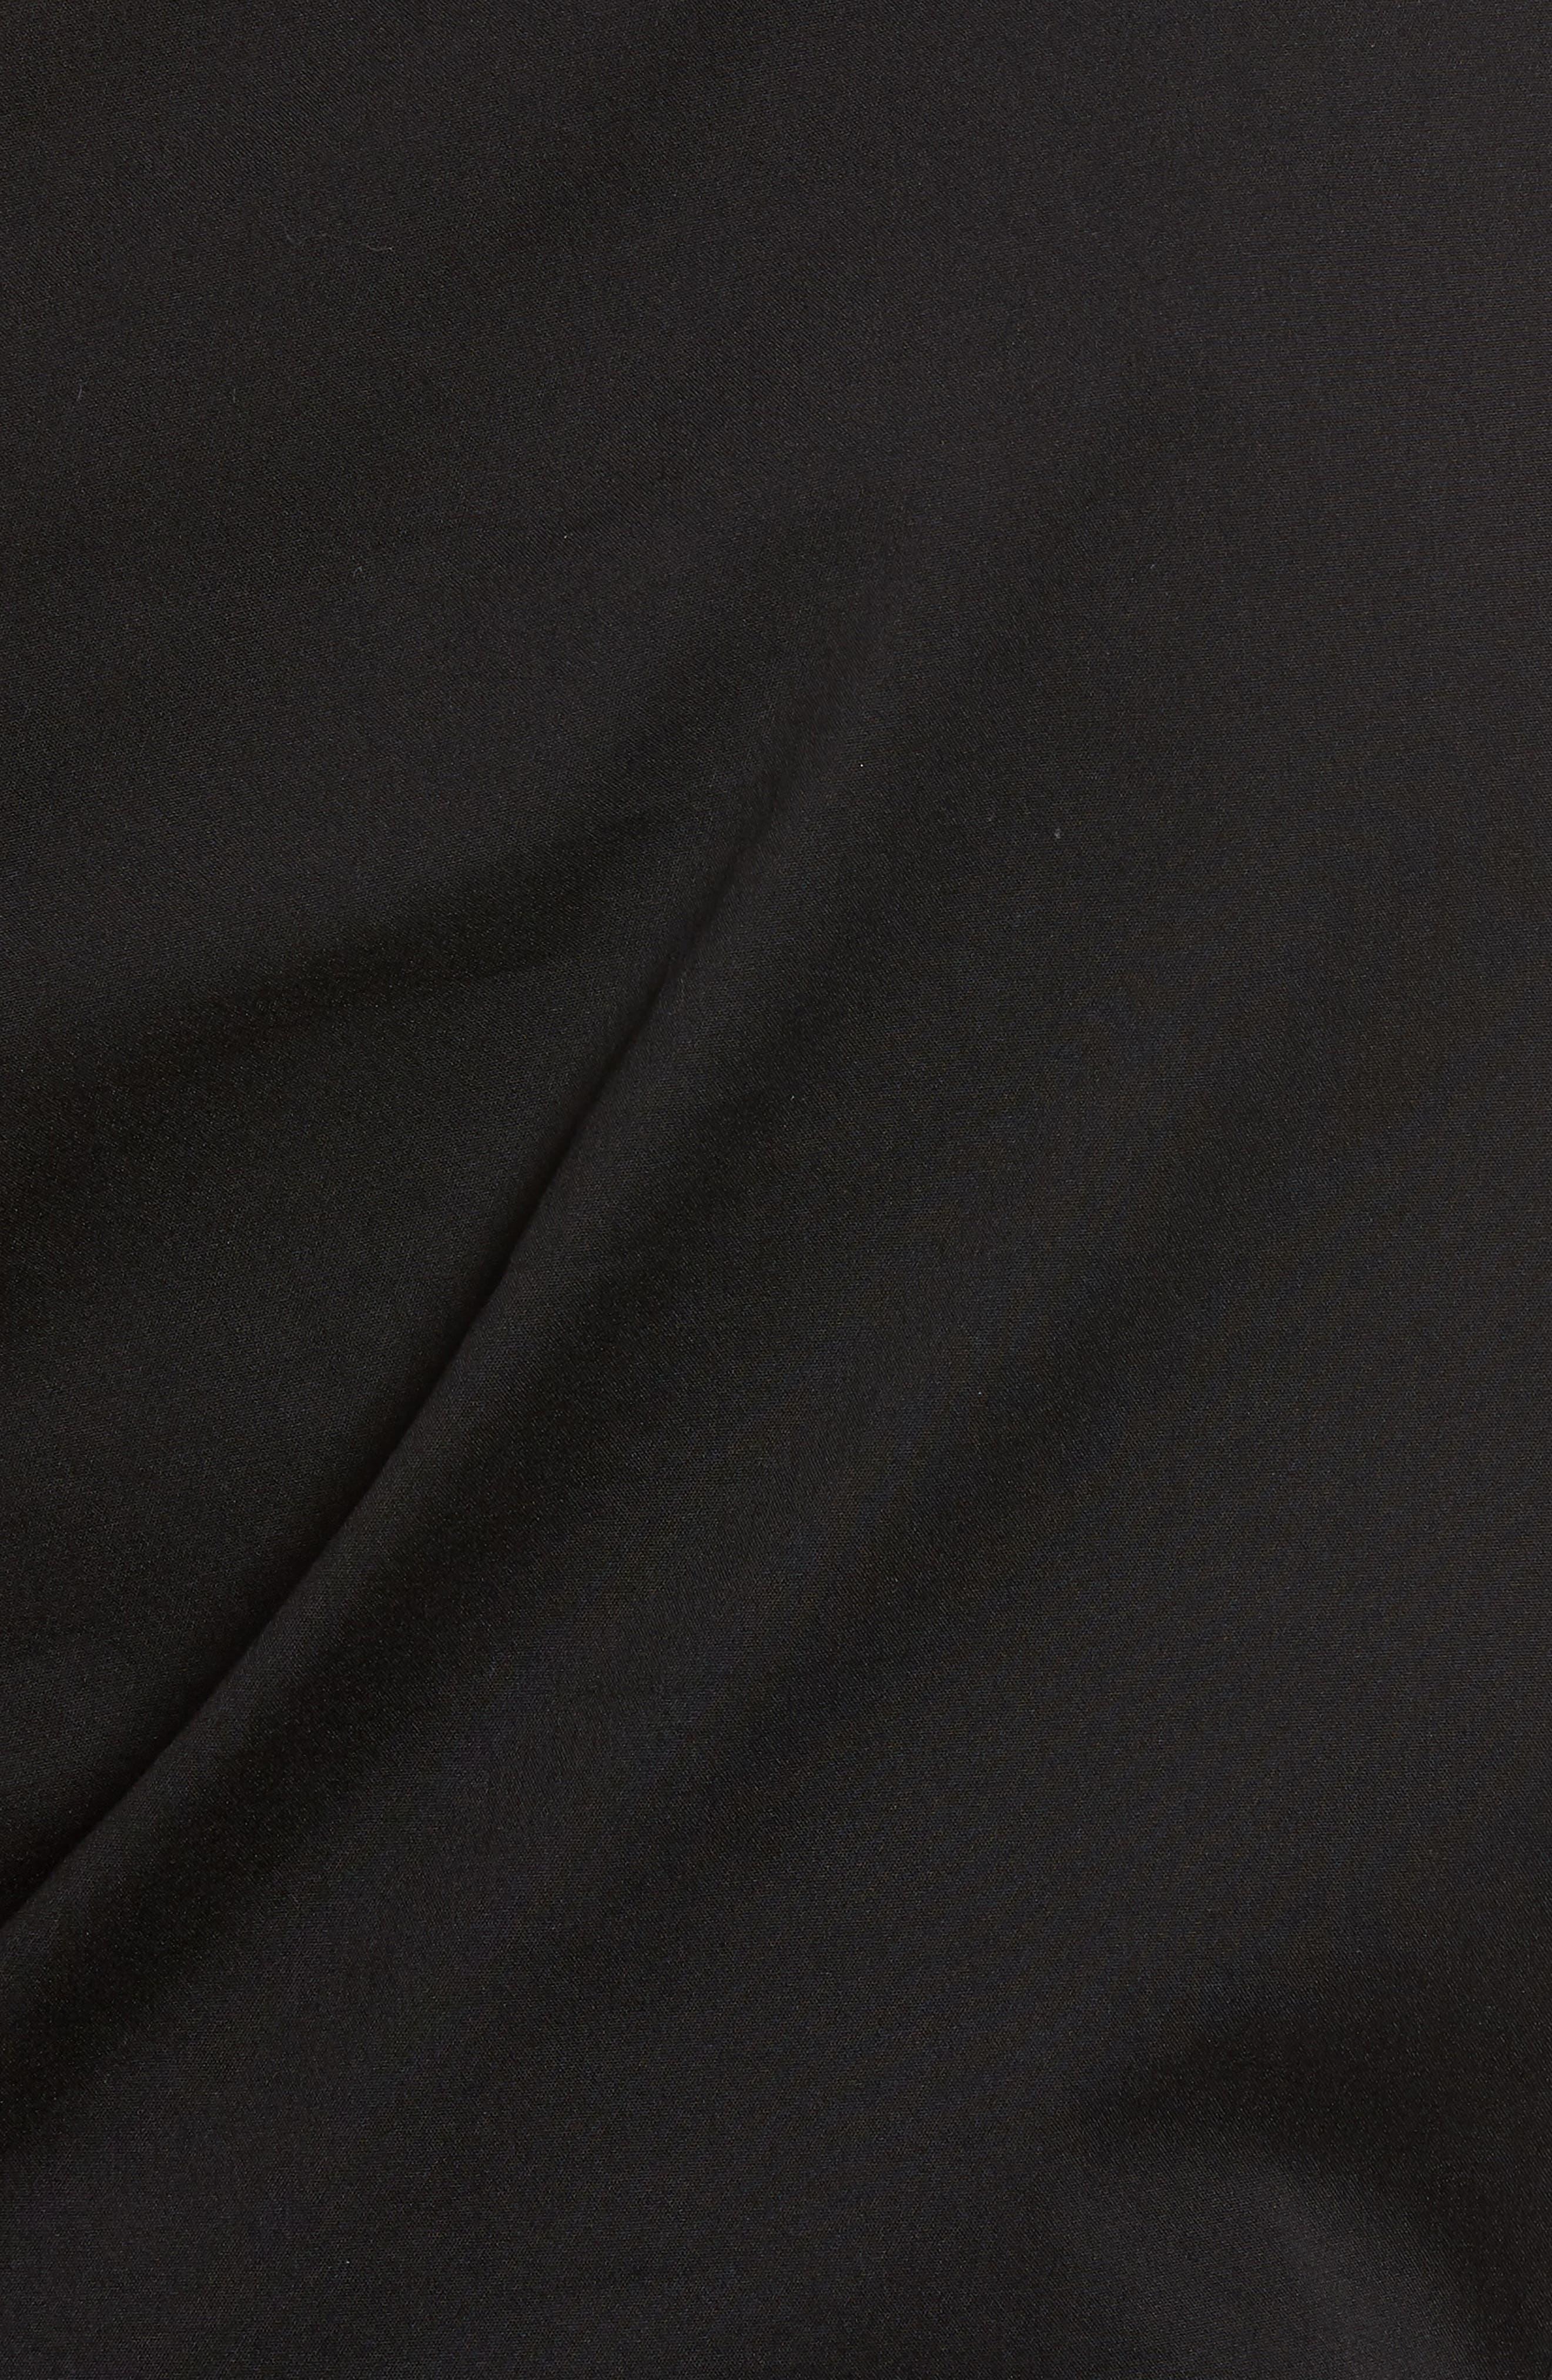 Bishop + Young Belted One-Shoulder Blouse,                             Alternate thumbnail 6, color,                             Black